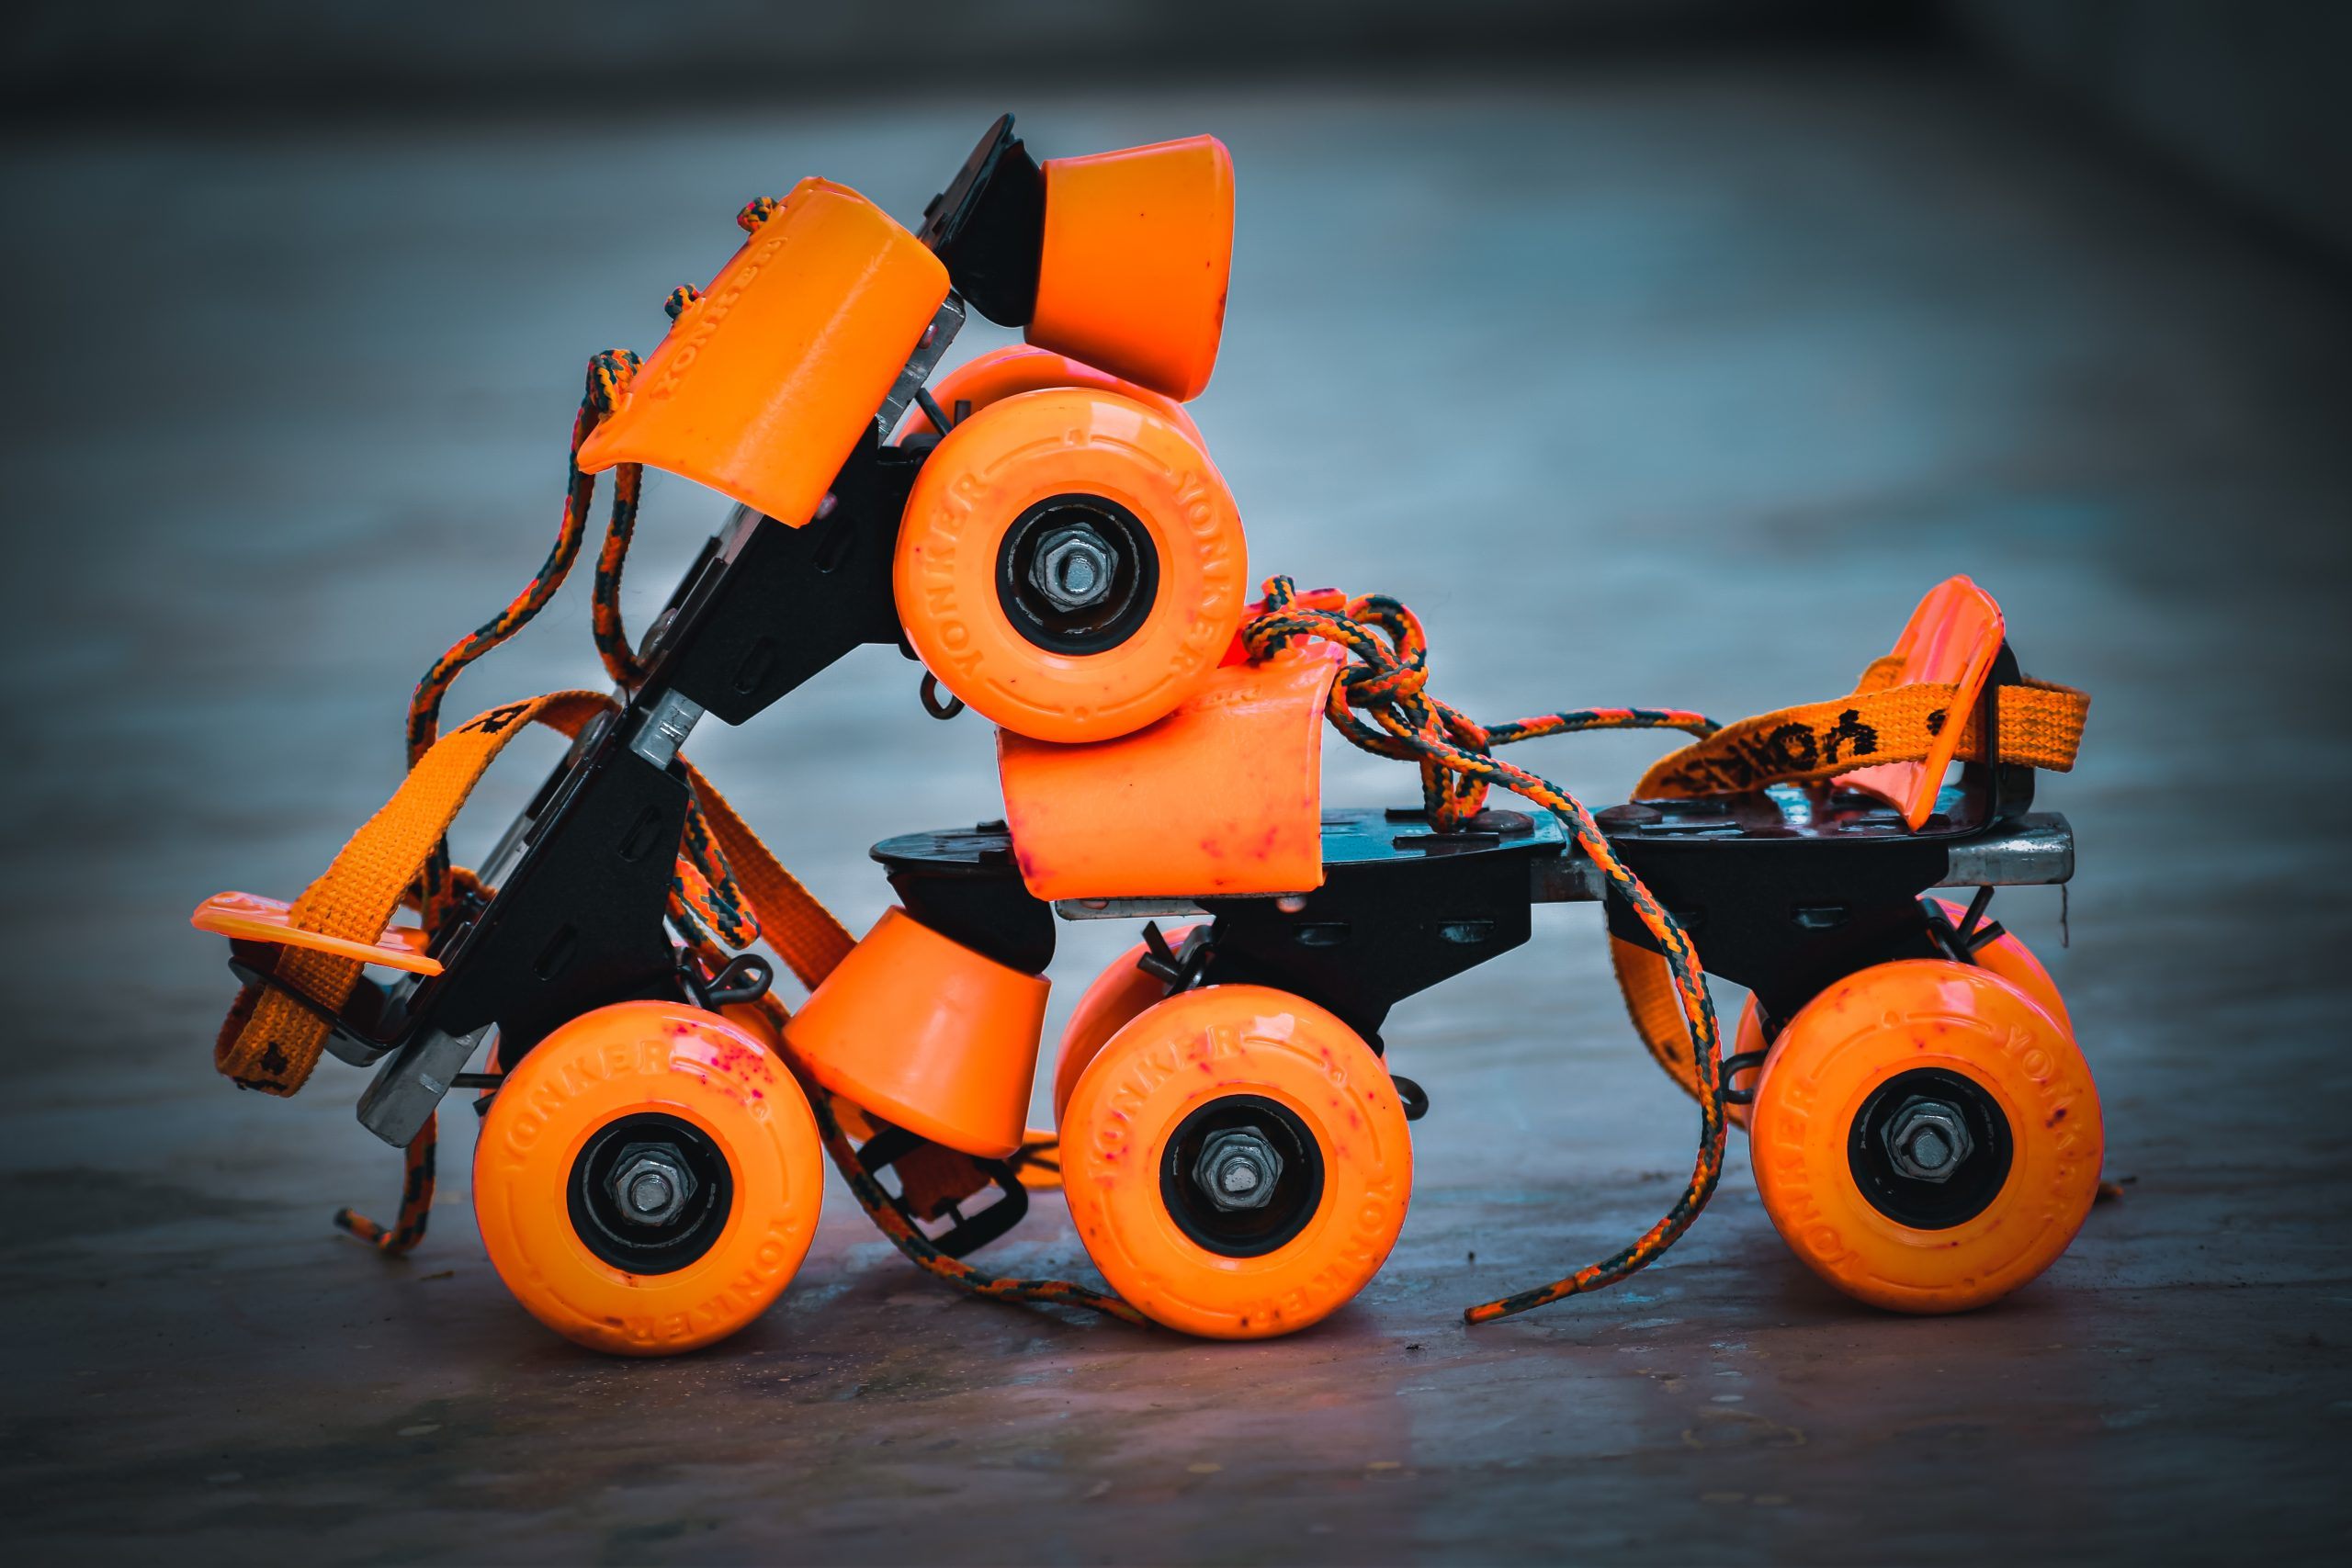 A pair of skate wheels